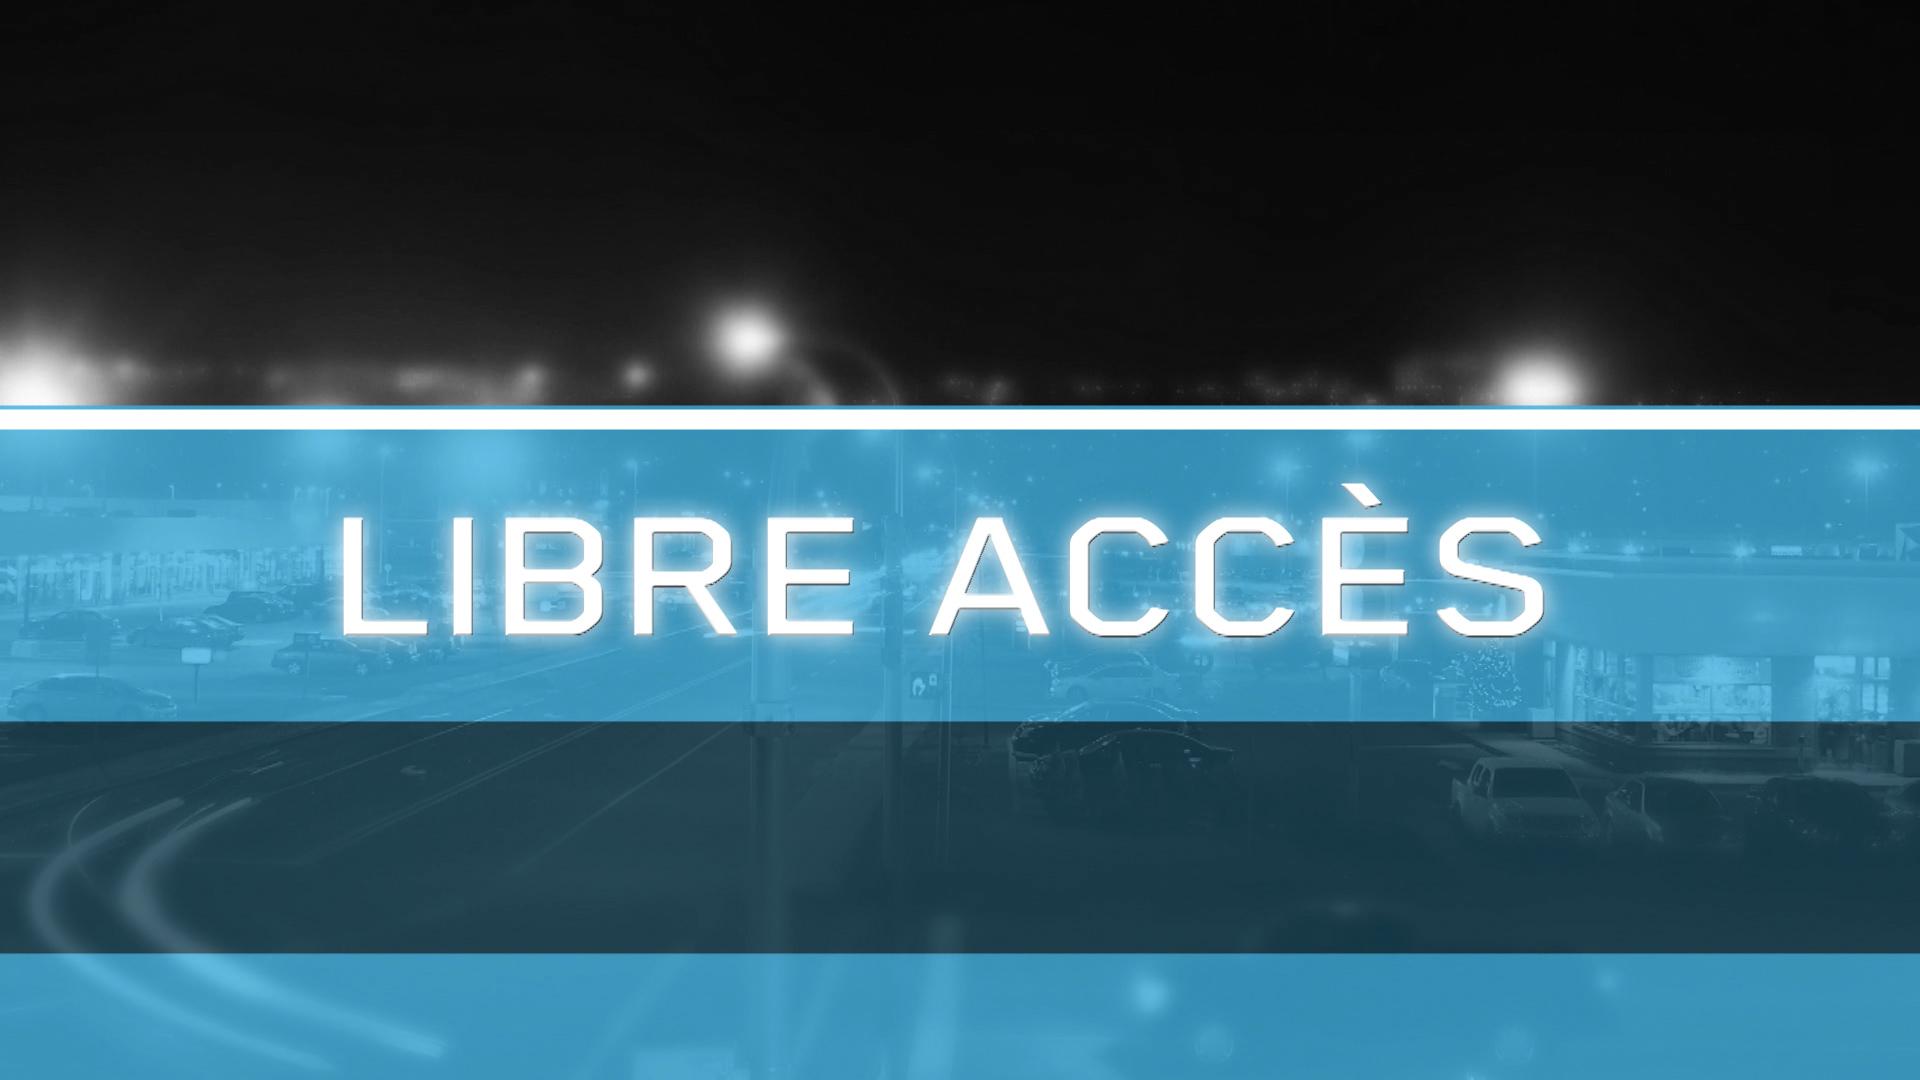 Libre accès Bas-Saint-Laurent